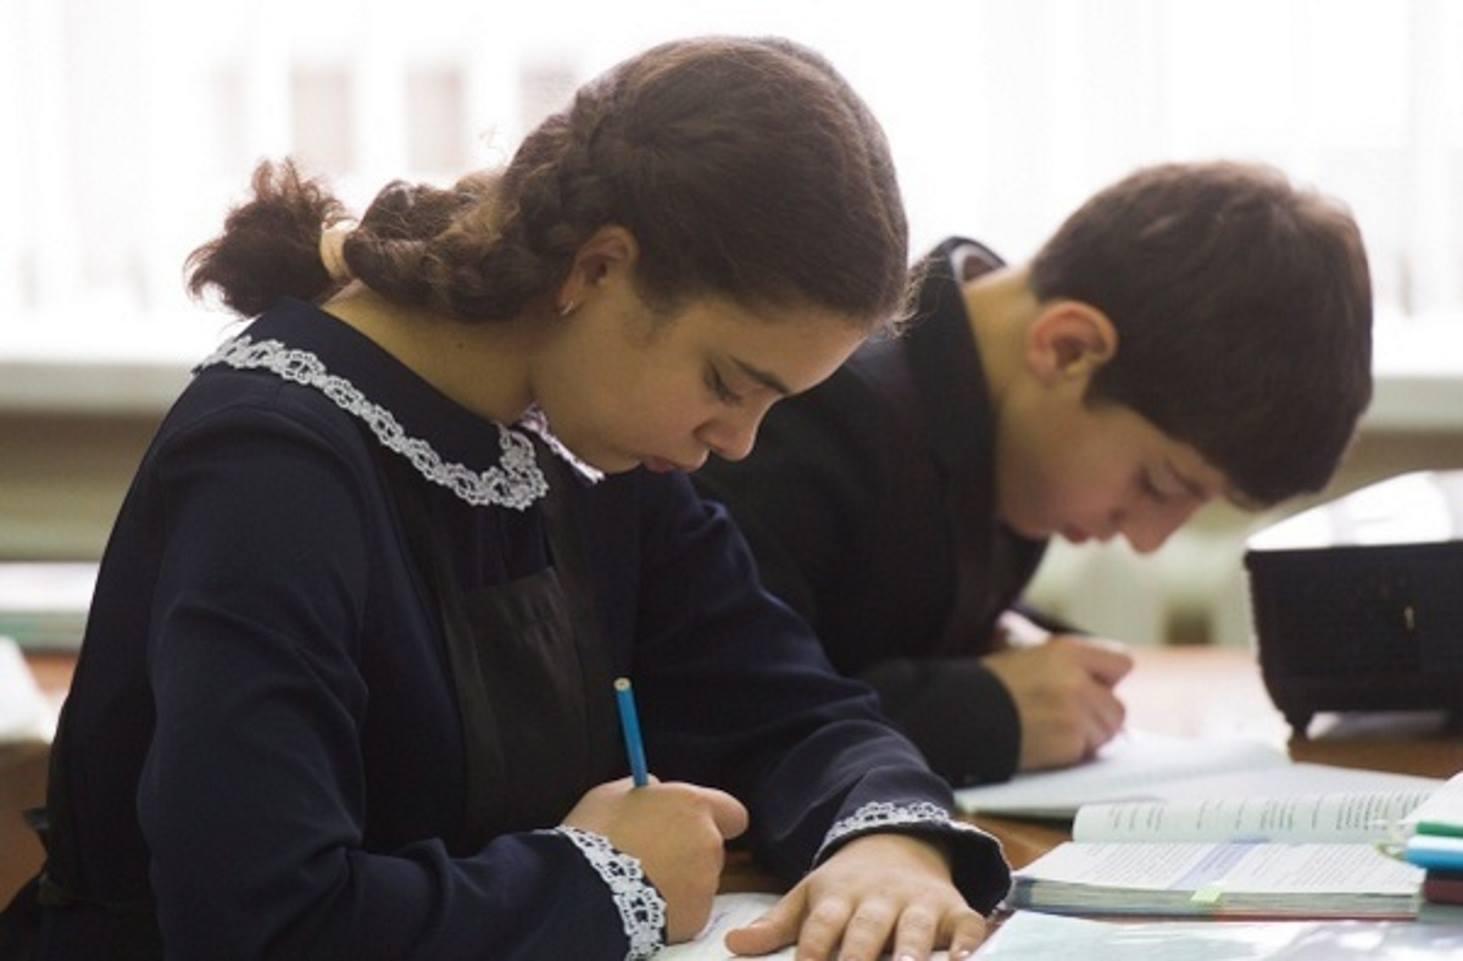 v-peterburge-roditeli-reshili-bojkotirovat-domashnee-zadanie-detej-poprosili-napisat-pismo-ottsu-na-front